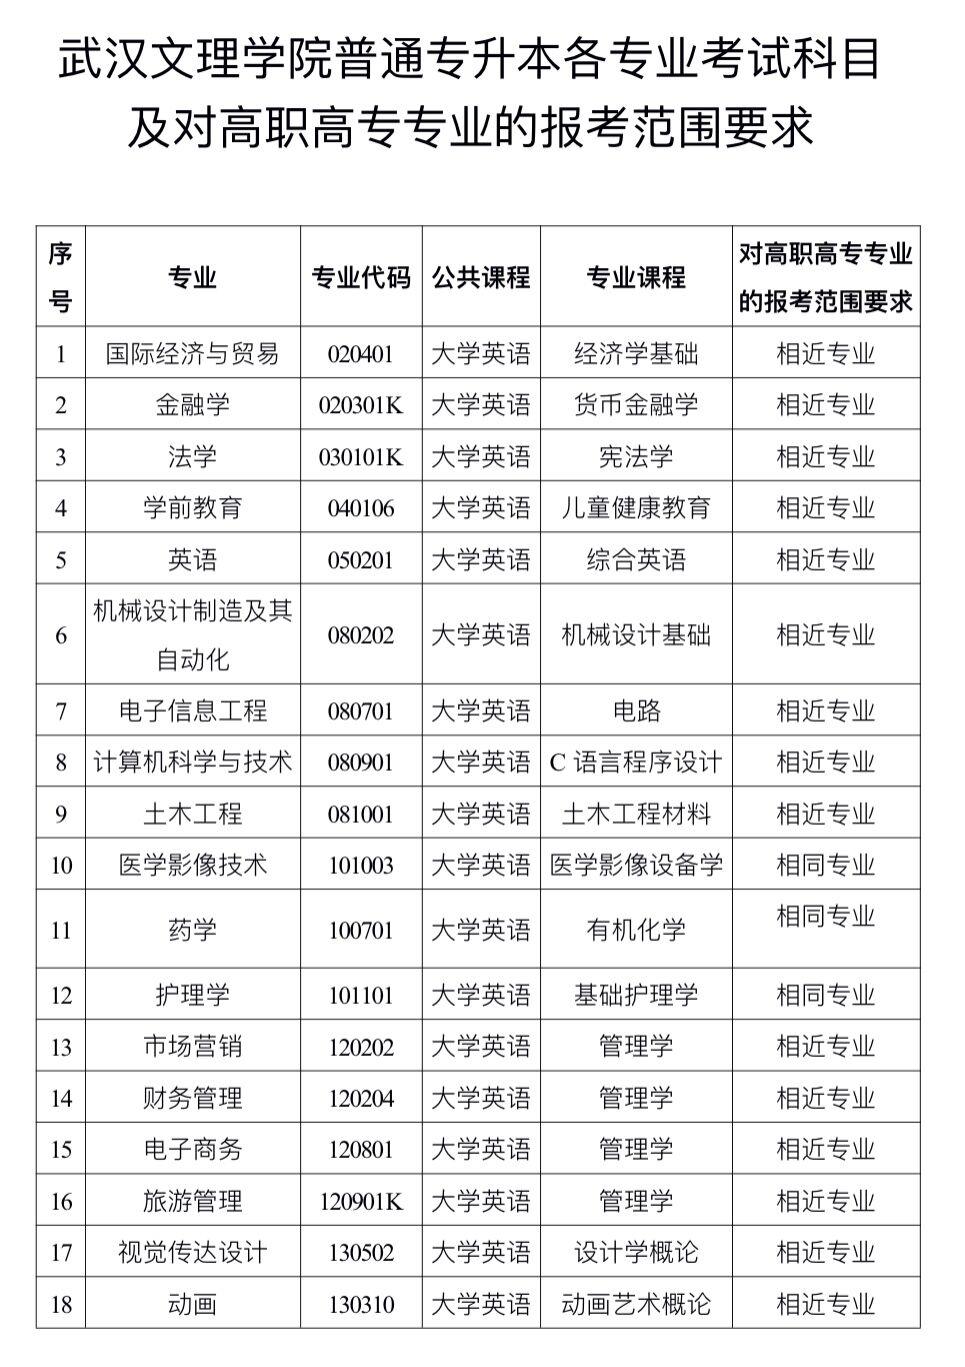 2020年武汉文理学院普通专升本招生专业对照表